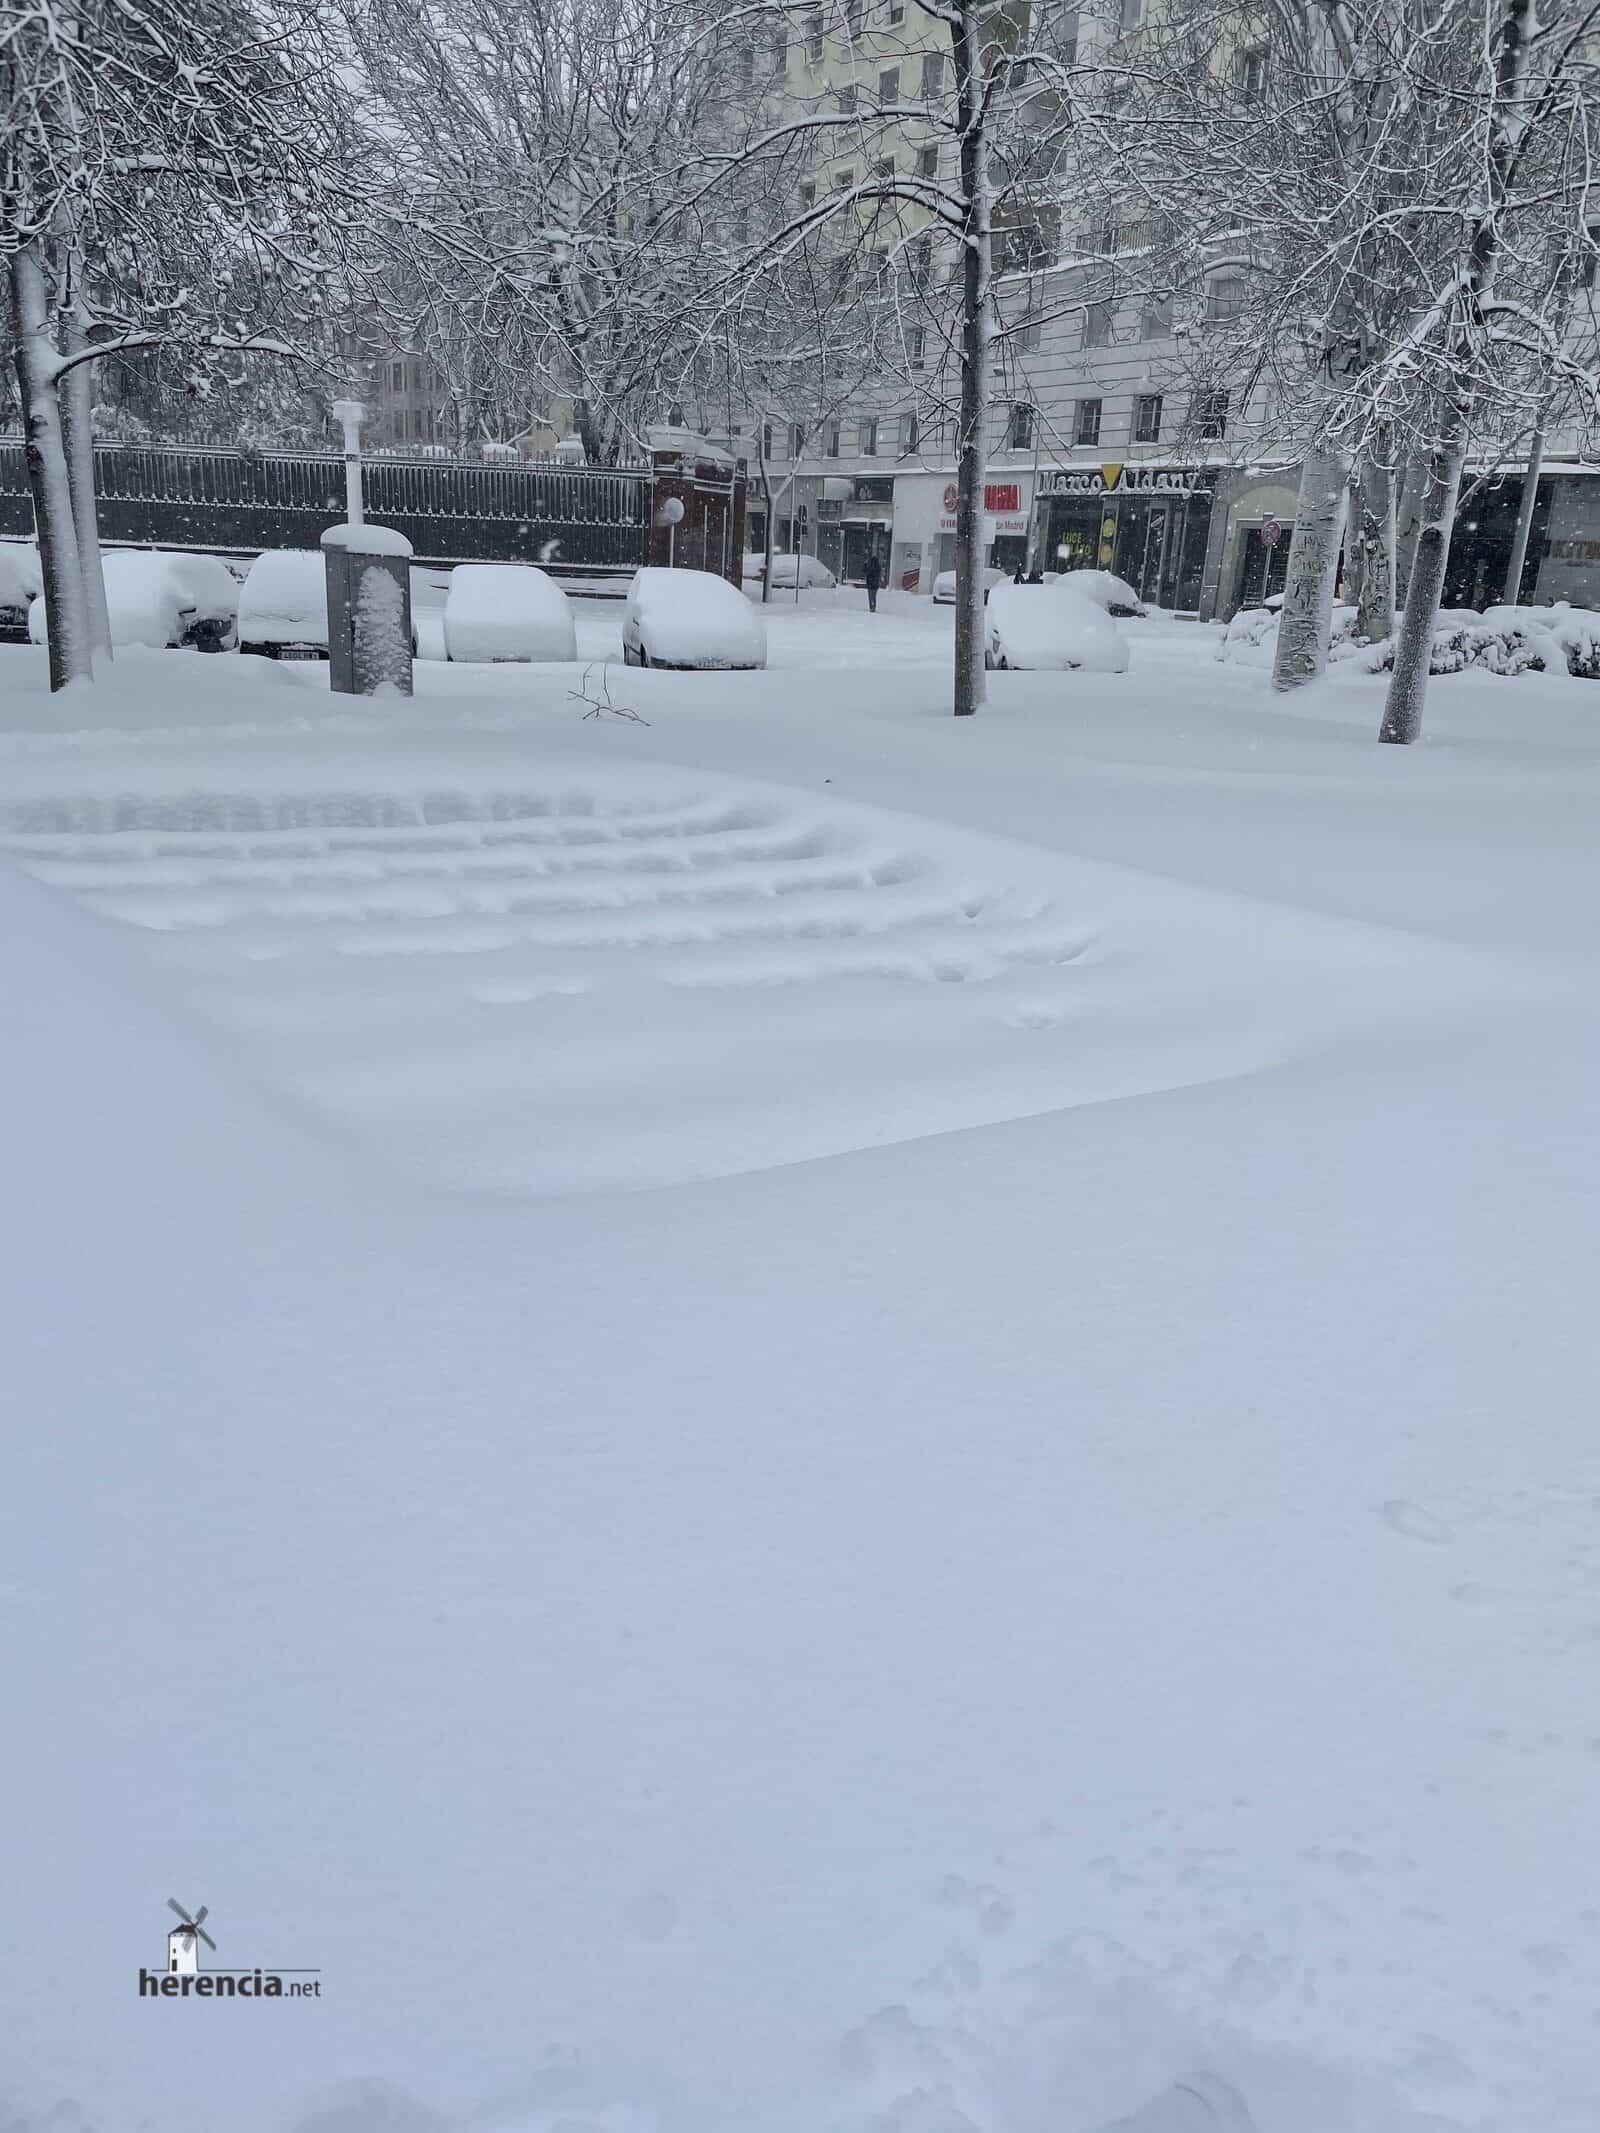 Más fotografías de las nieves de 2021 en Herencia 173